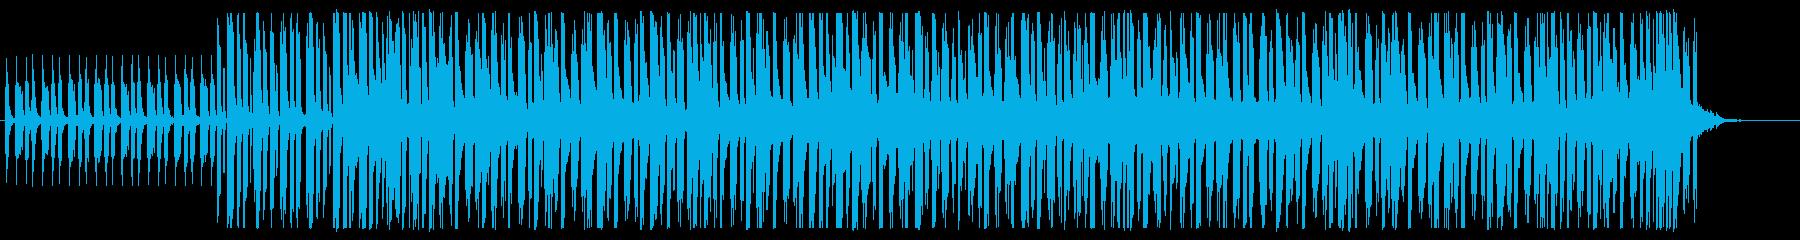 不思議な雰囲気のエレクトロニックの再生済みの波形